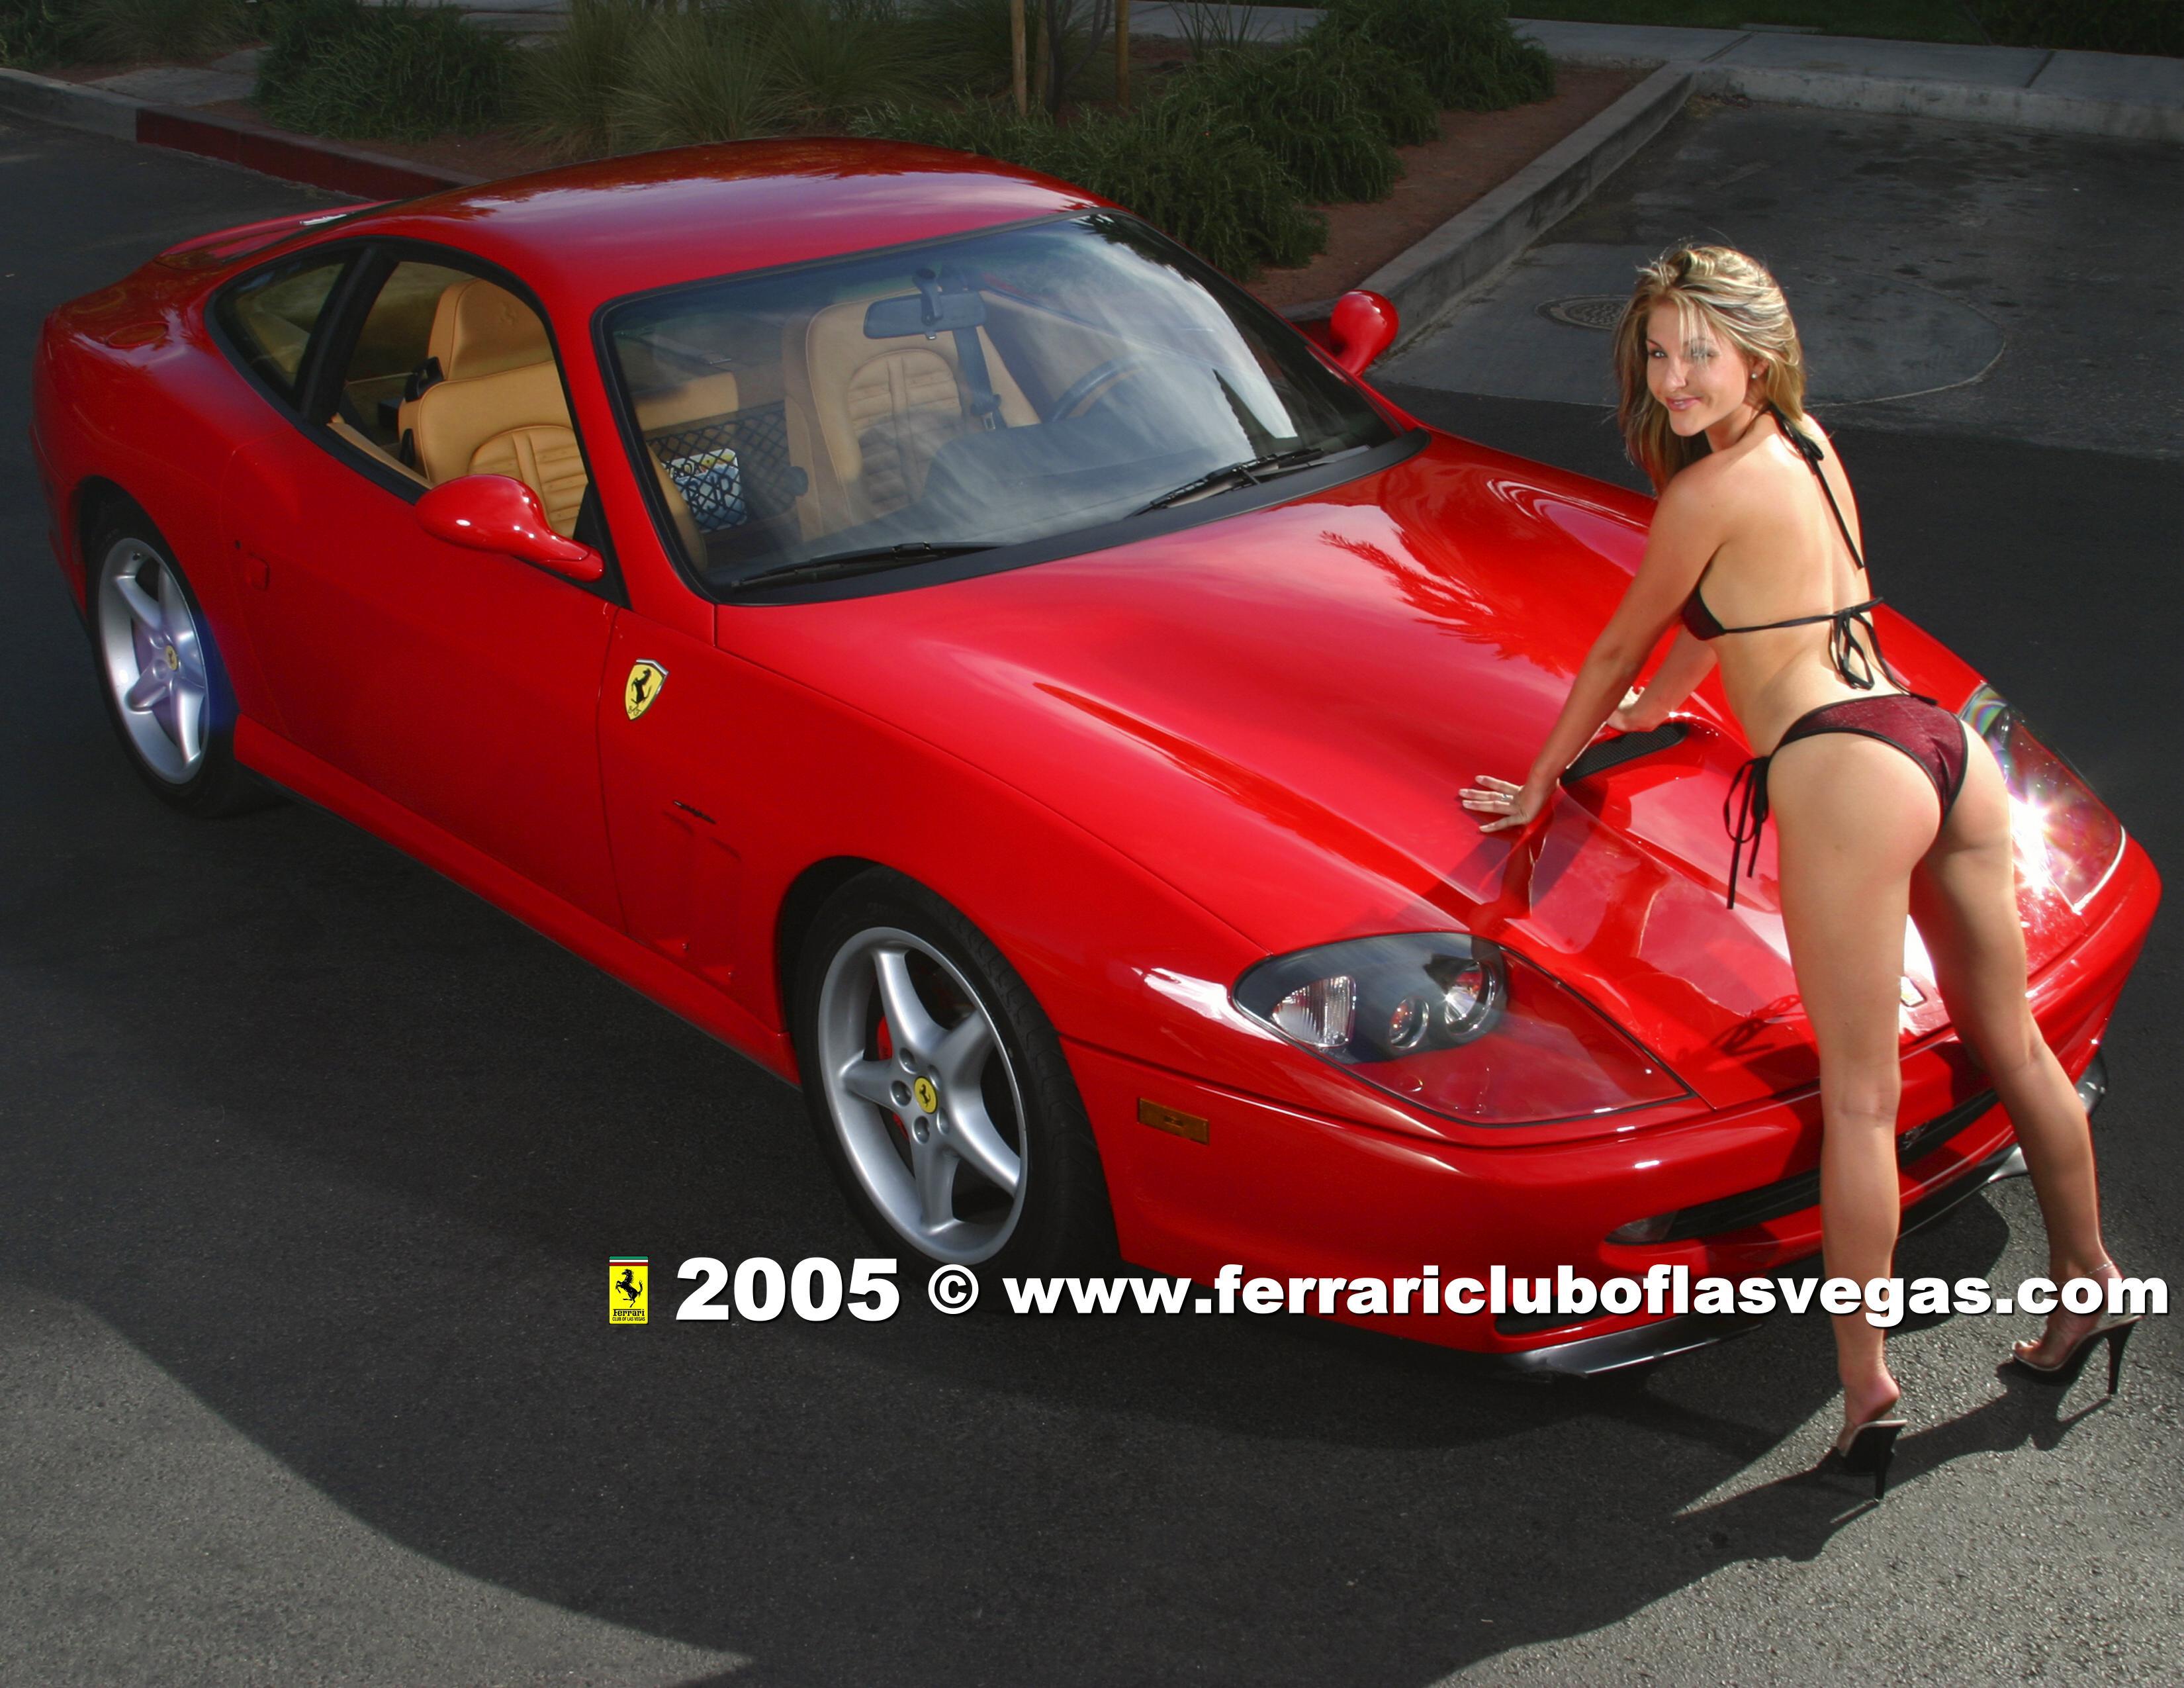 Фото лолы феррари, Фотографии Лоло Феррари (Lolo Ferrari) 8 фотография